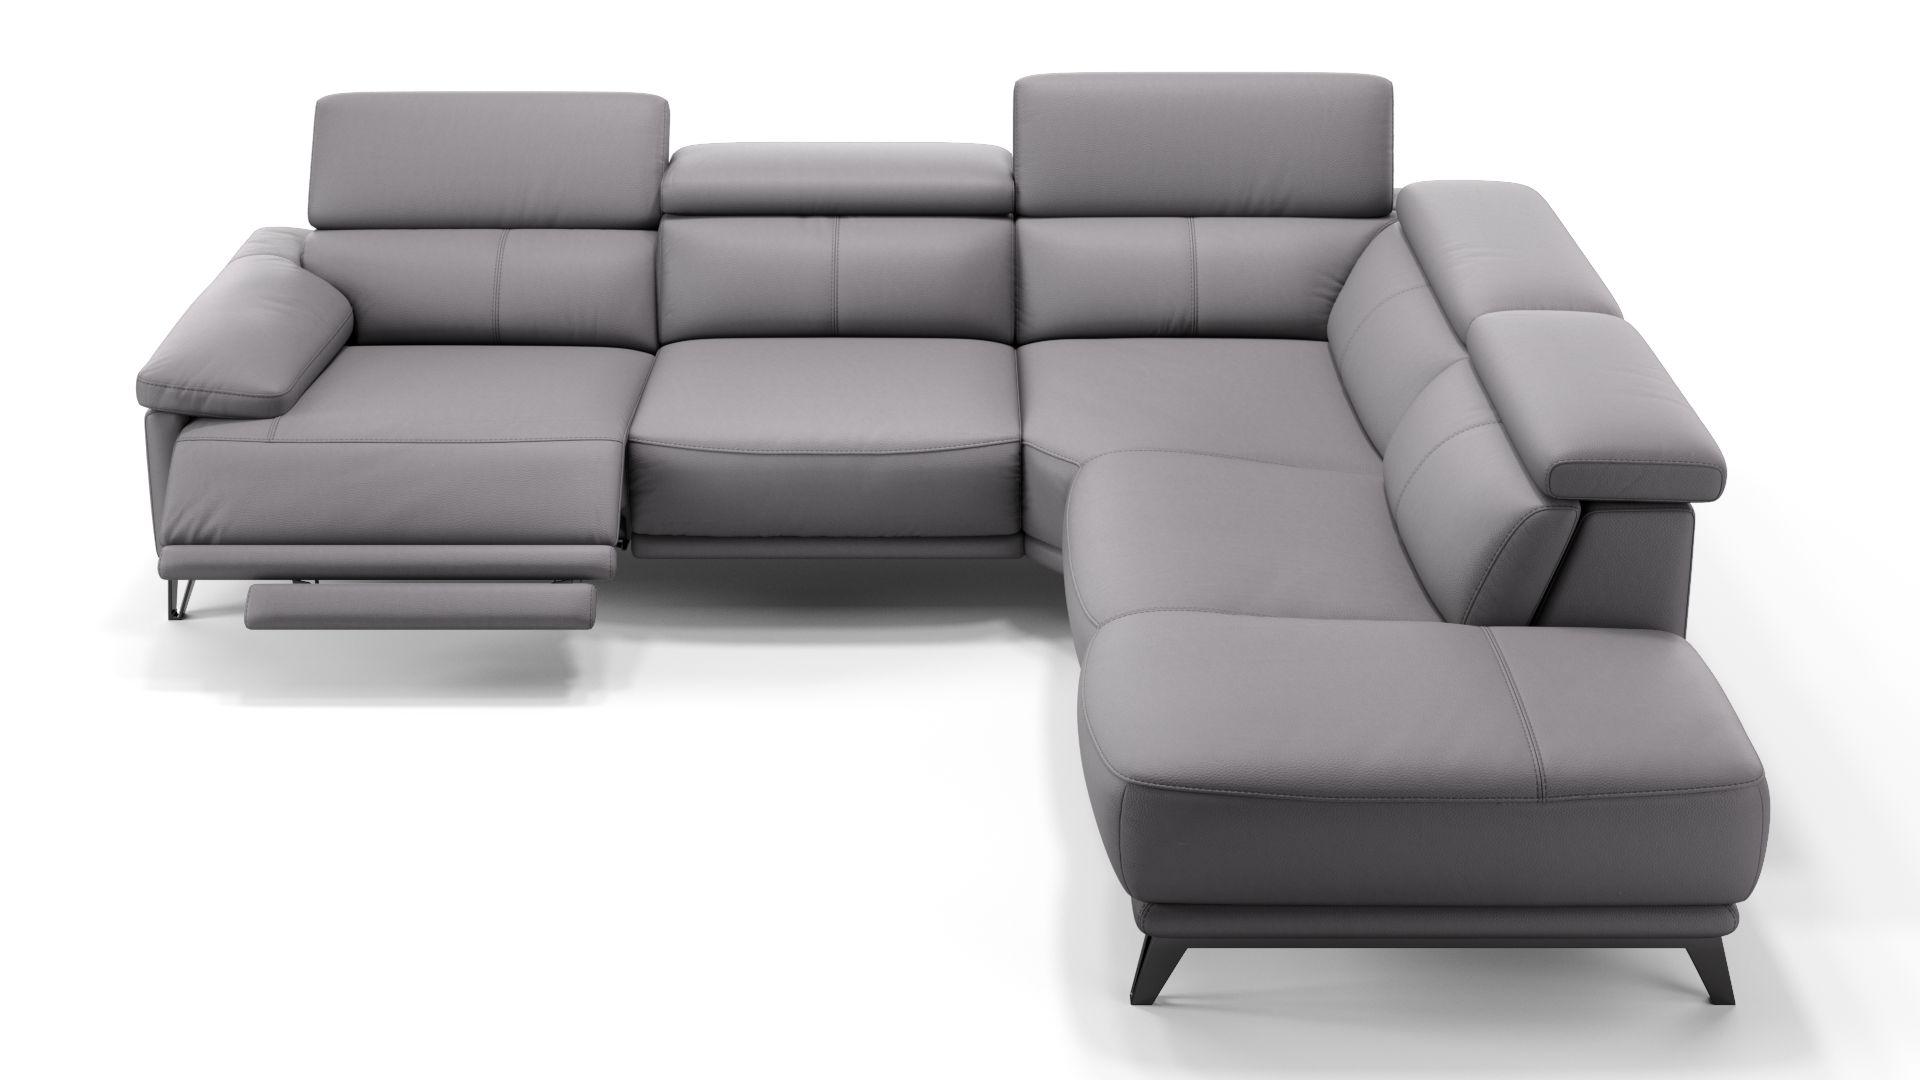 Full Size of Sofa Mit Relaxfunktion Elektrisch 3 Sitzer Couch Verstellbar 3er Elektrischer 2 5 Ecksofa Leder Zweisitzer Test Celano Wohnlandschaft Sofanella Betten Sofa Sofa Mit Relaxfunktion Elektrisch